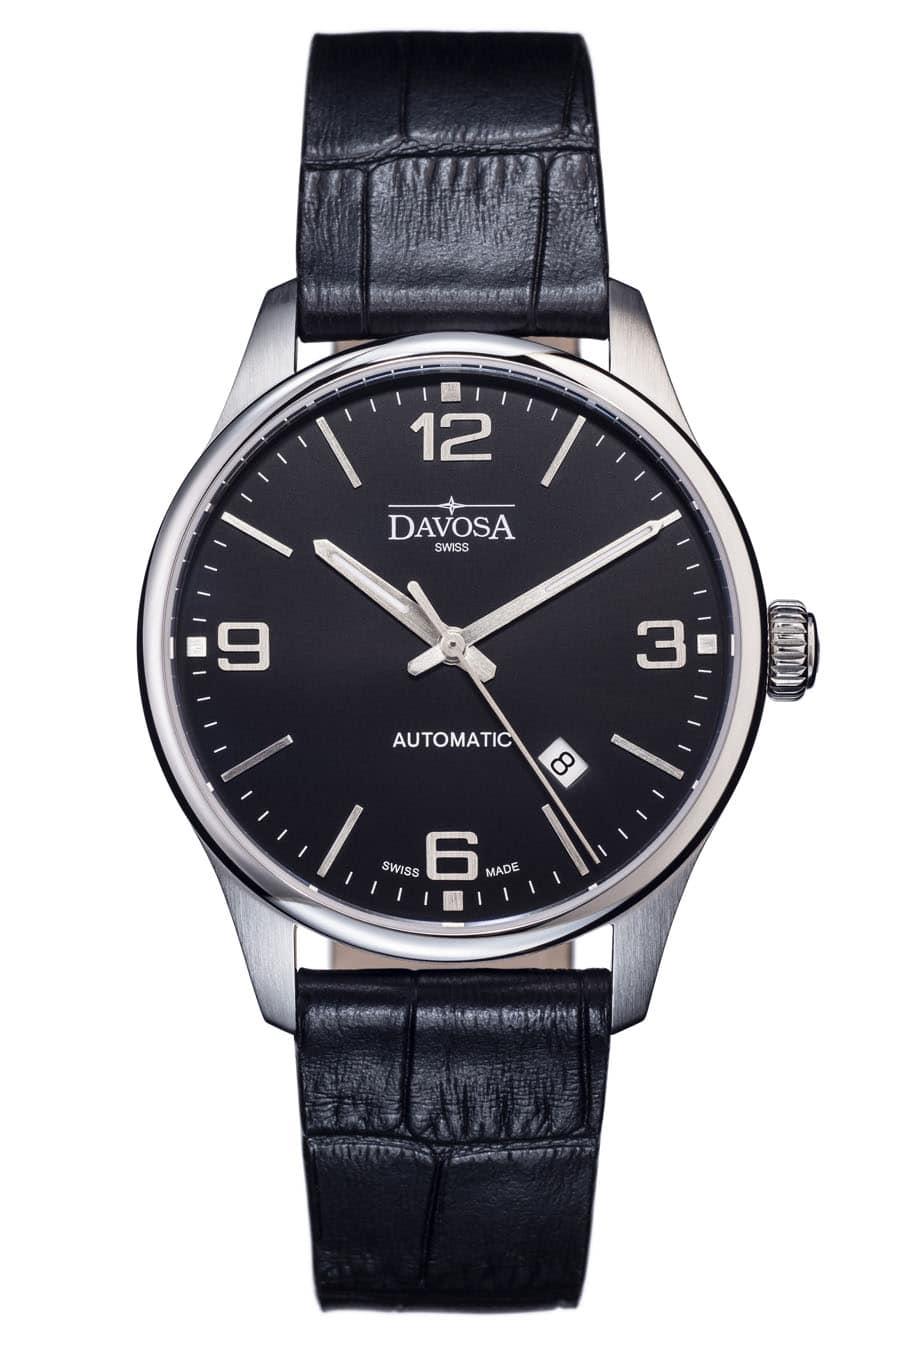 Die Davosa Gentleman Automatic mit schwarzem Zifferblatt